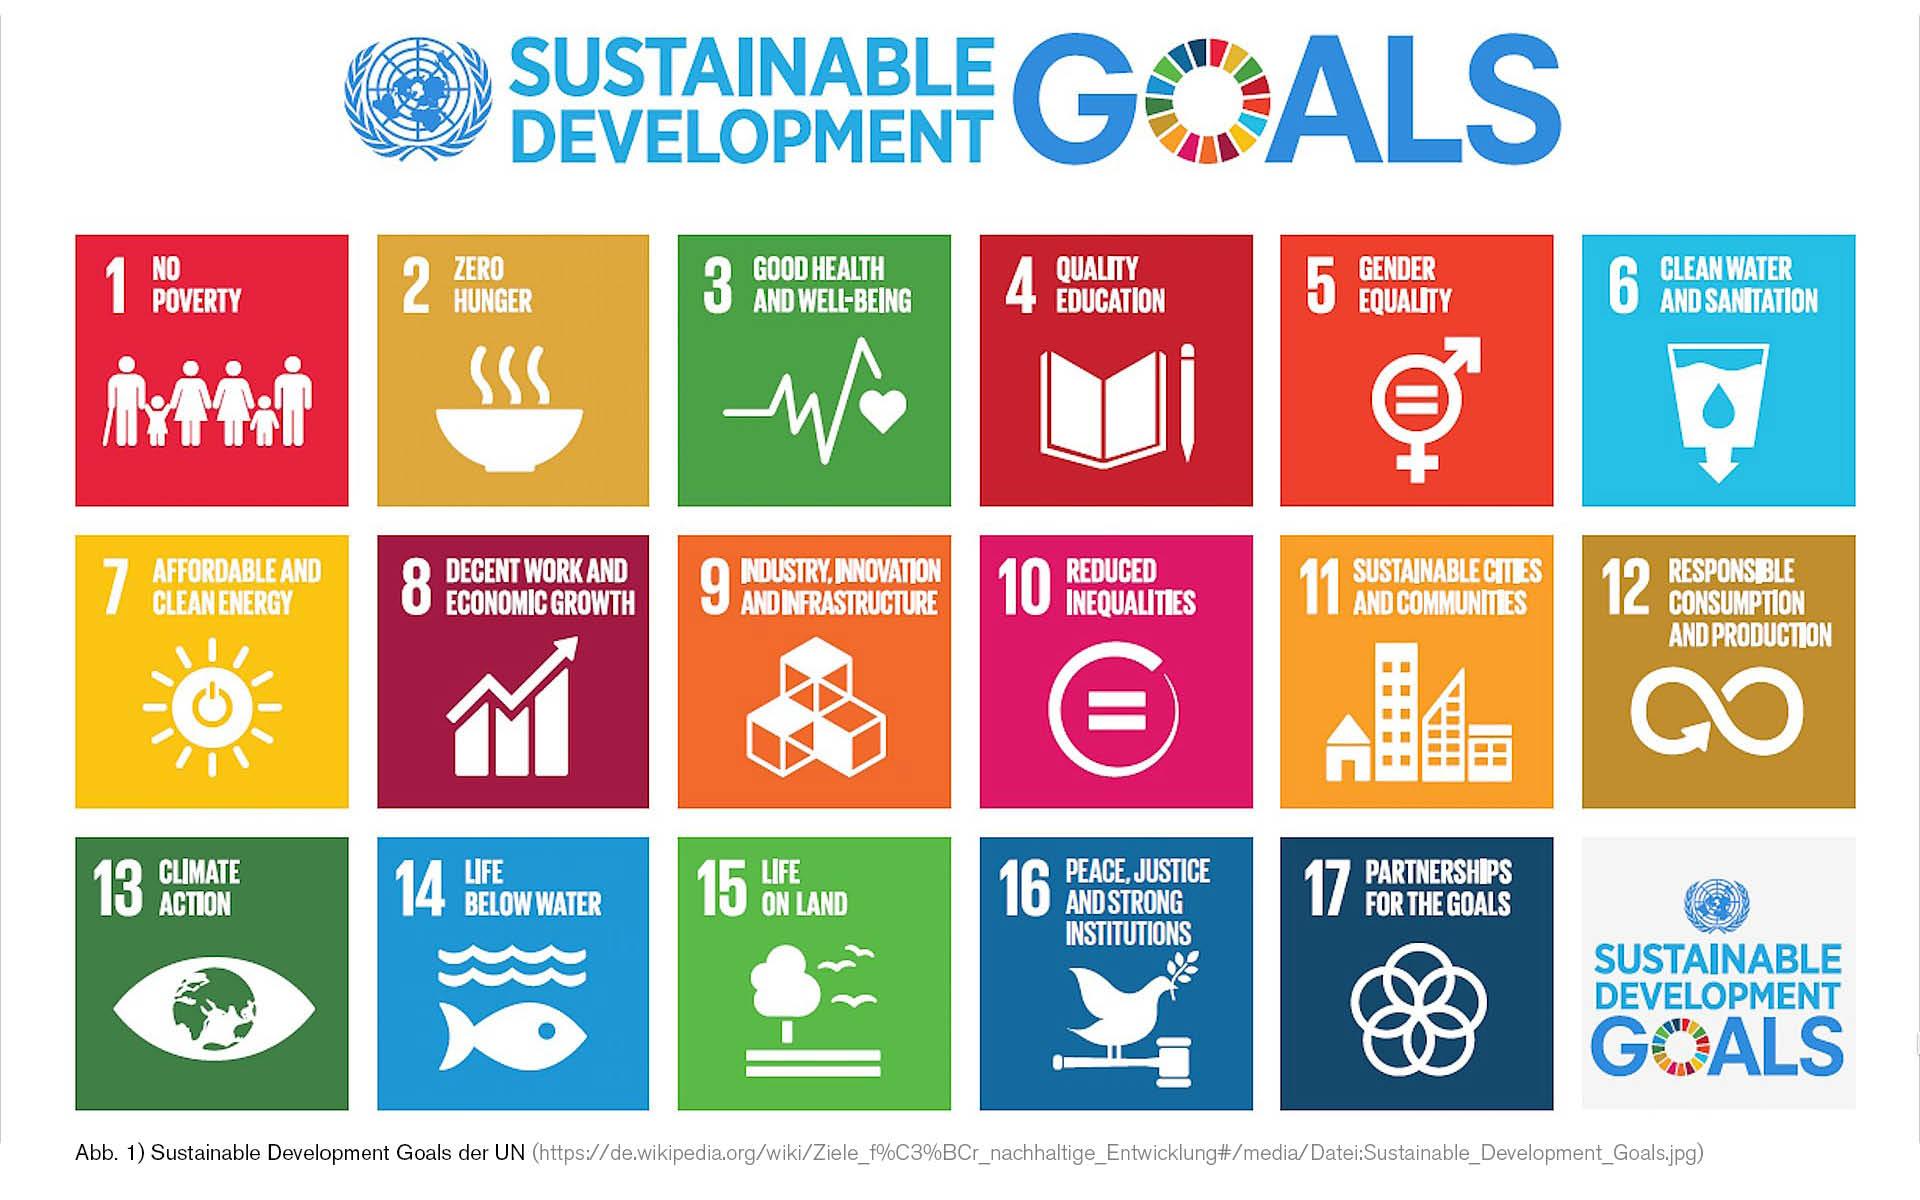 Gesunde Nachhaltigkeit? Wann nachhaltige Gestaltung gesundheitsfördernd ist und gesundheitsfördernde Gestaltung nachhaltig.